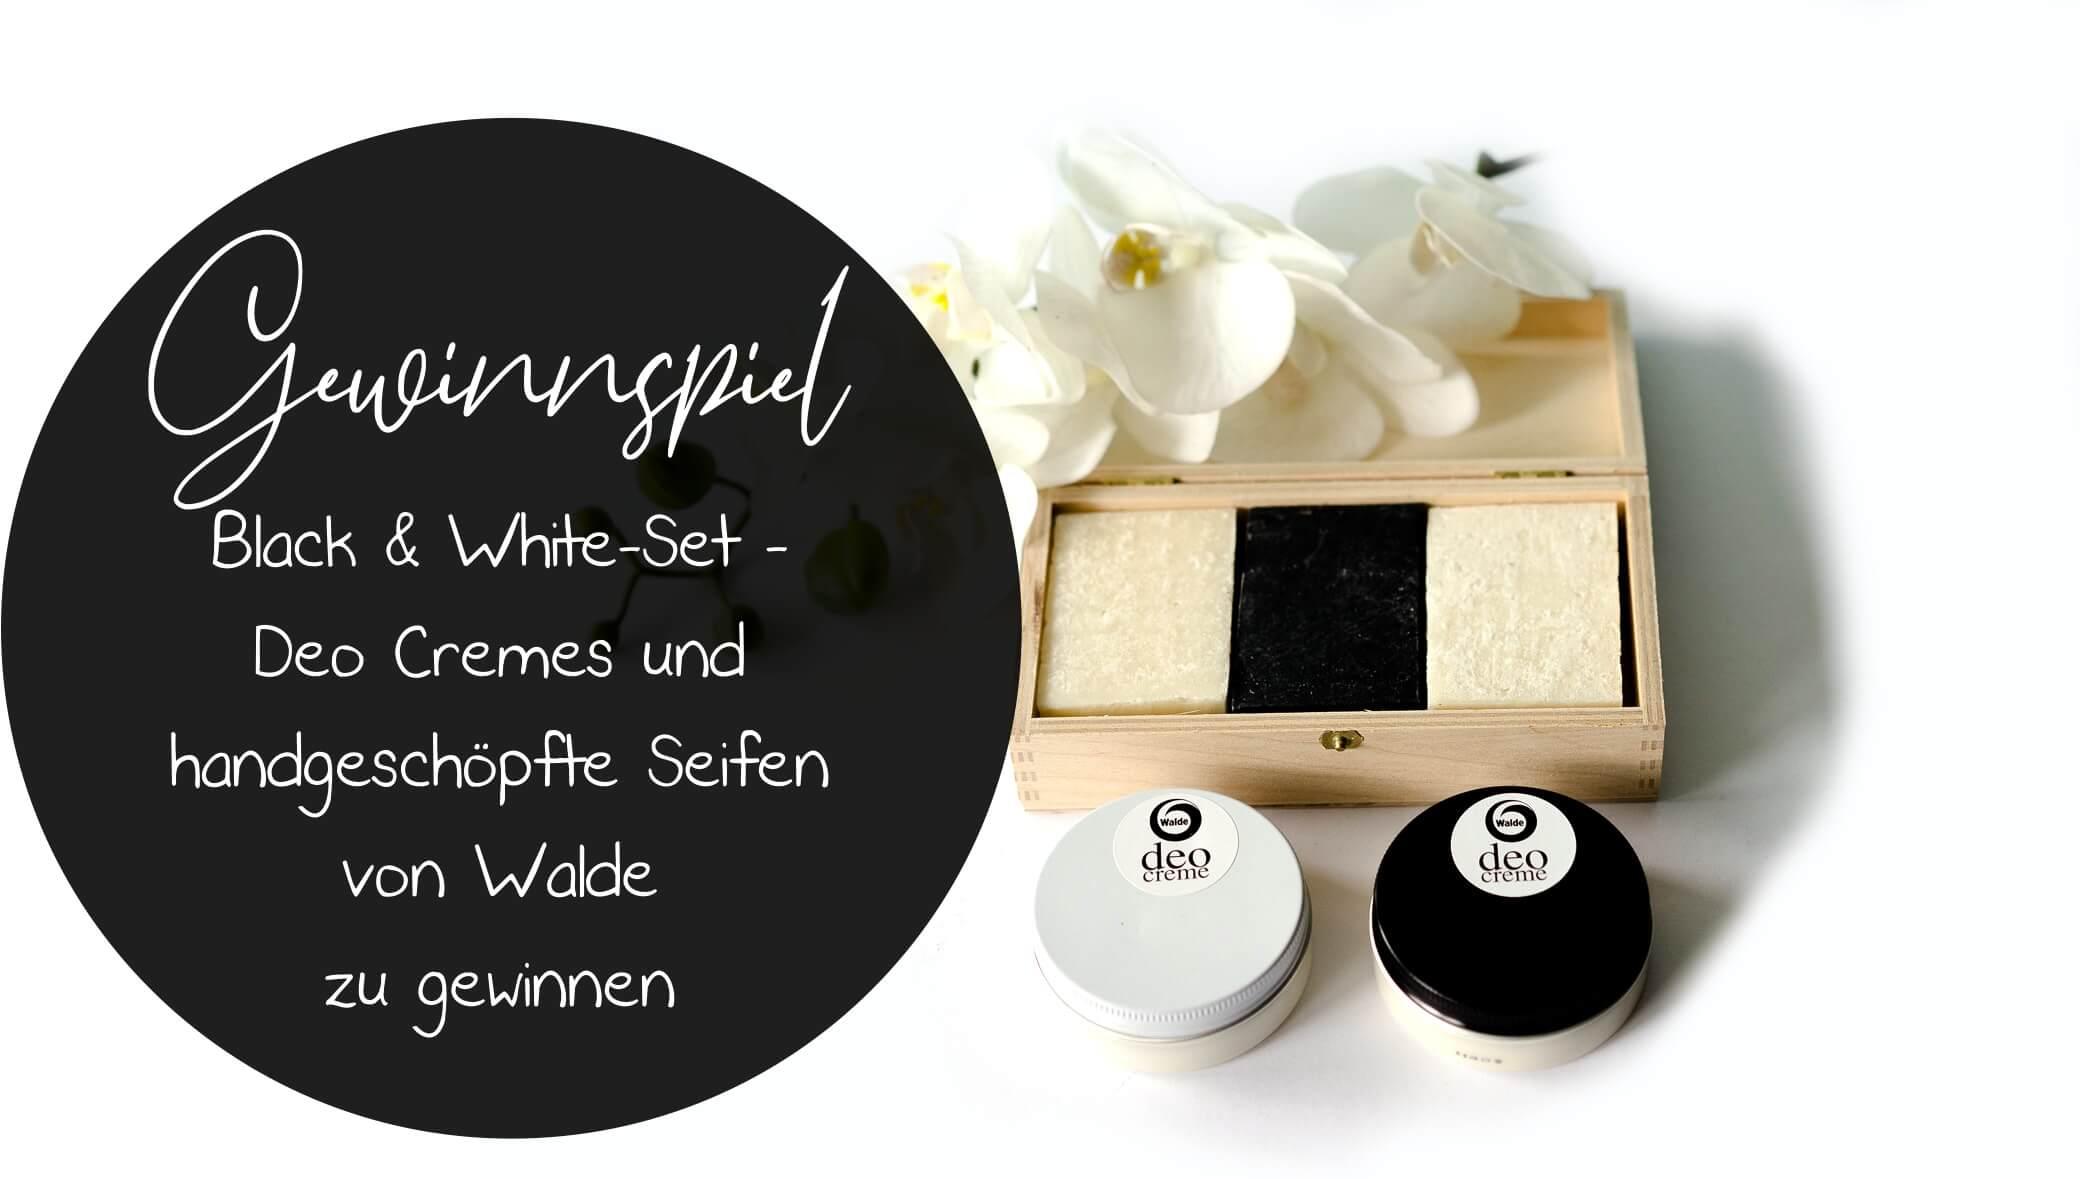 Deo Creme und handgeschöpfte Seifen von Walde - Tolles Black & White-Set zu gewinnen